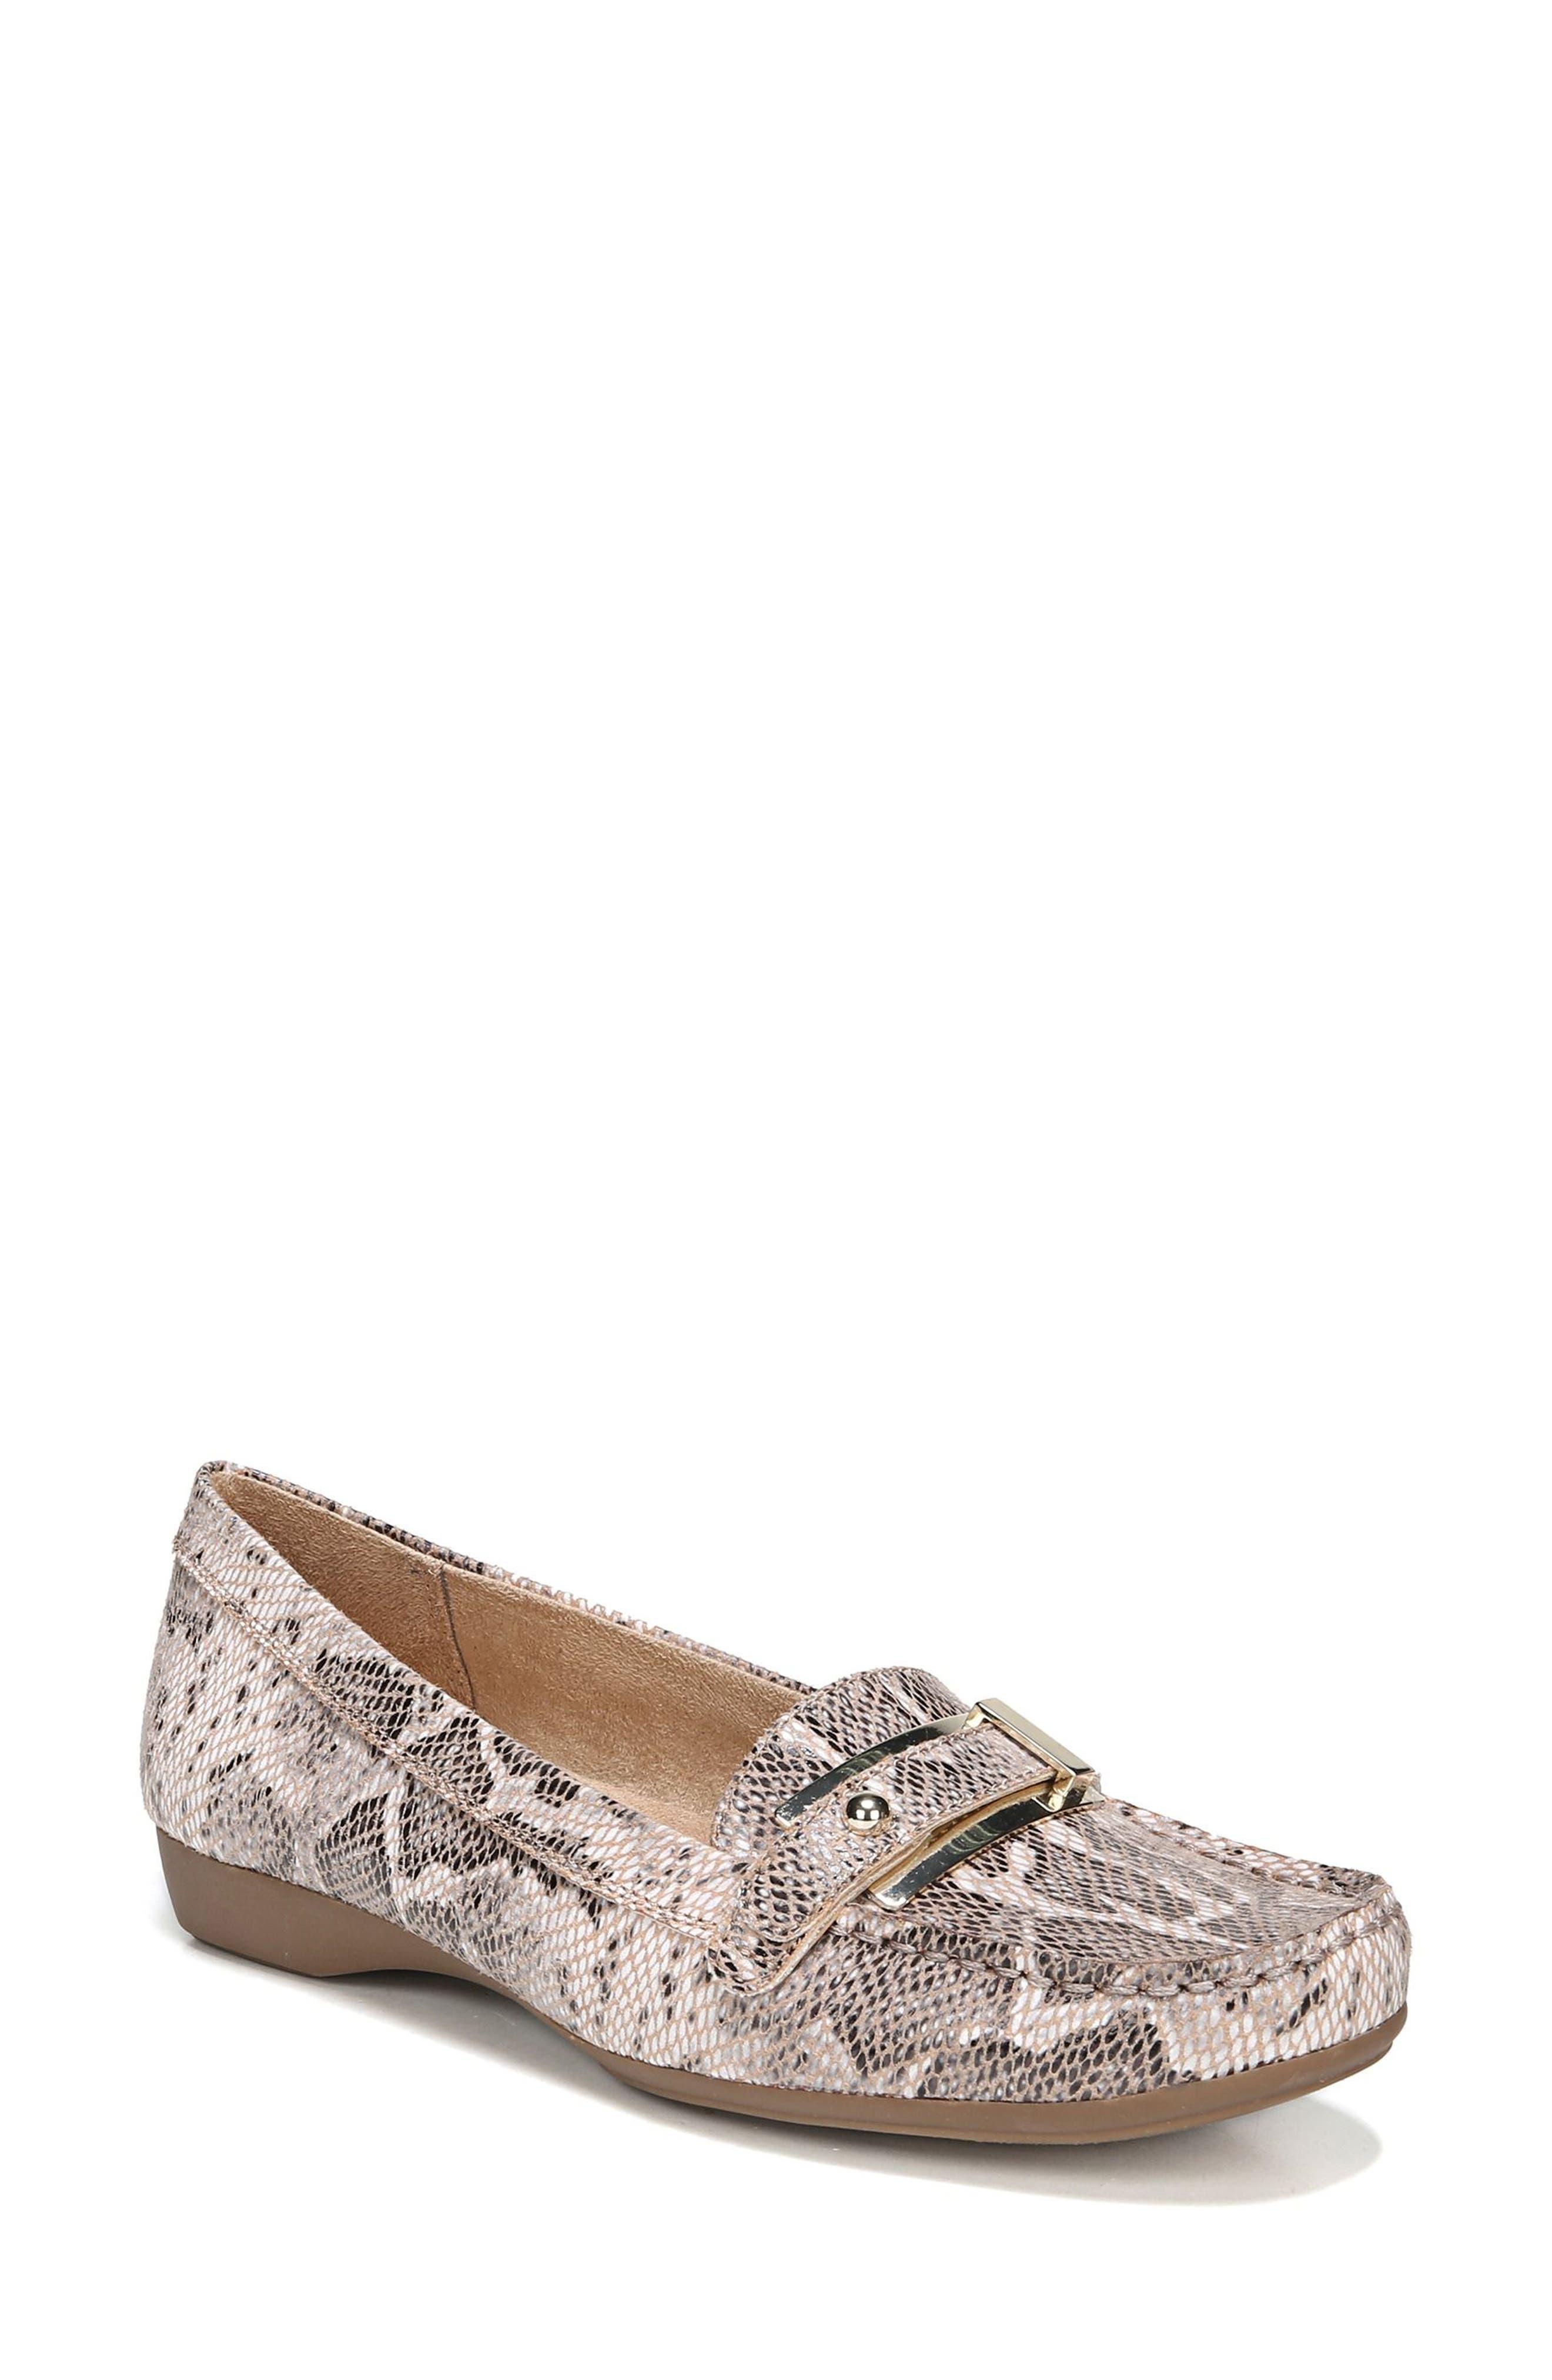 'Gisella' Loafer,                         Main,                         color, Mauve Print Fabric